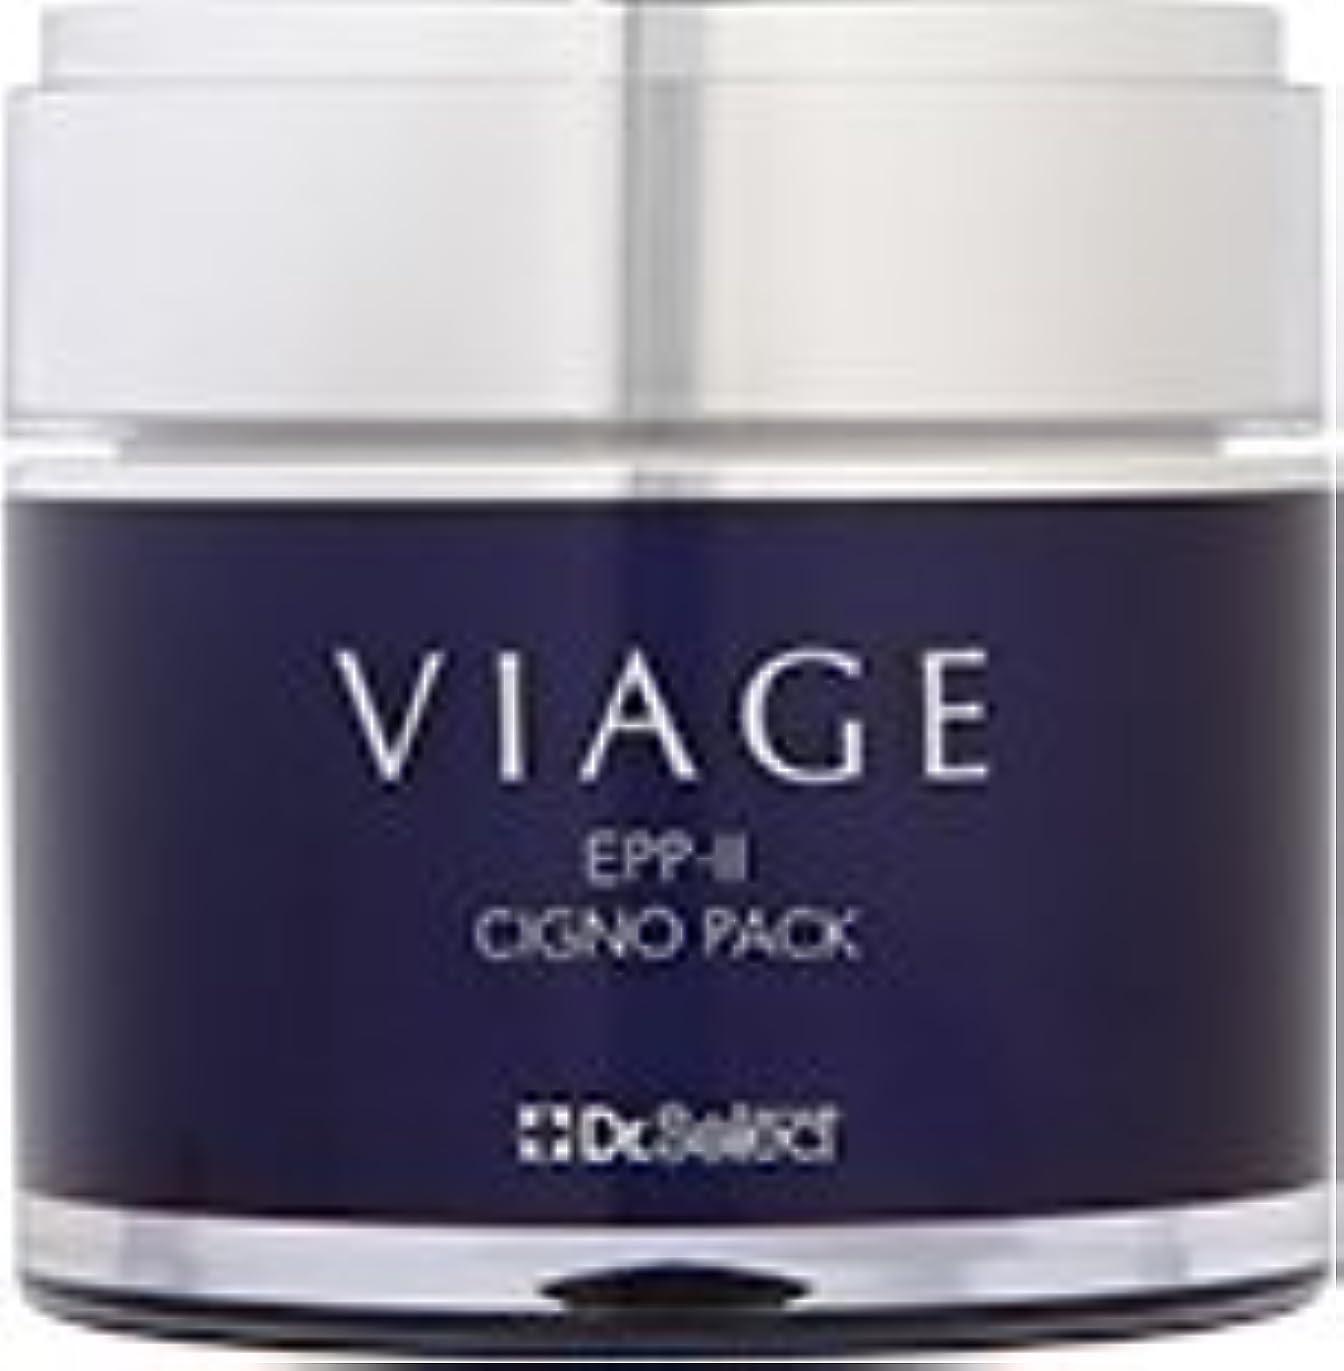 ドクターセレクトEPP-Ⅱ シグノパック   VIAGE 80g(パック)